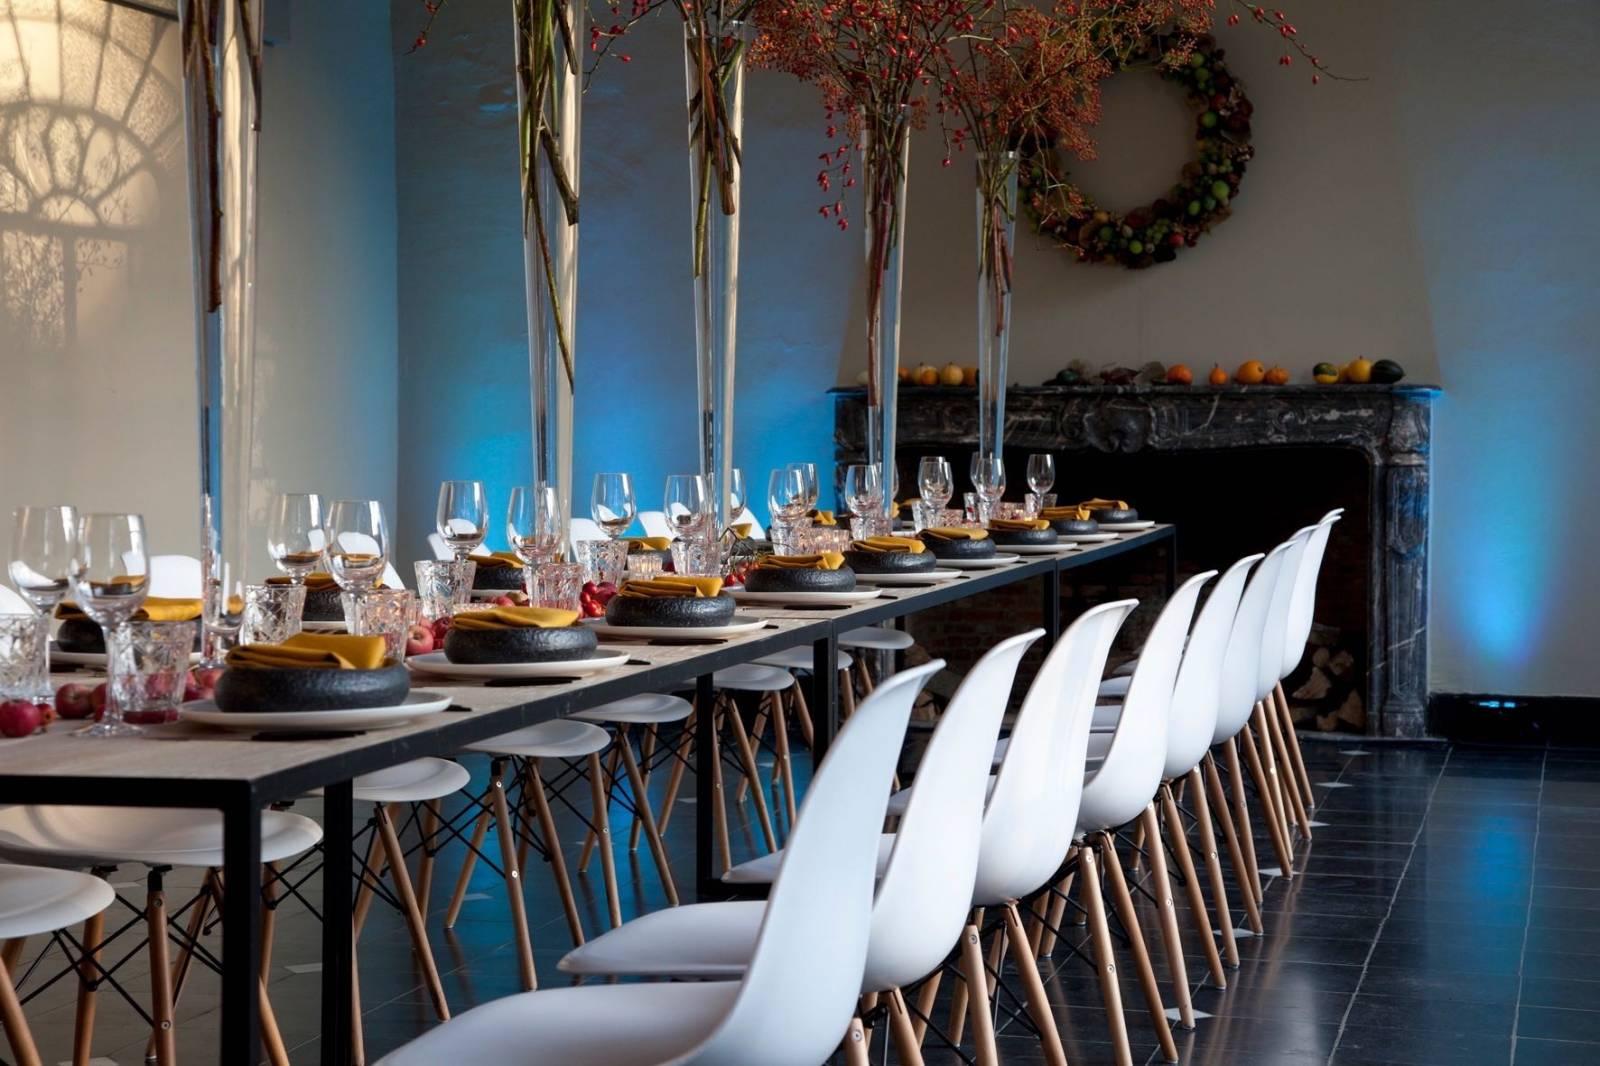 Kasteel van Leeuwergem - Feestzaal - House of Weddings  - 6